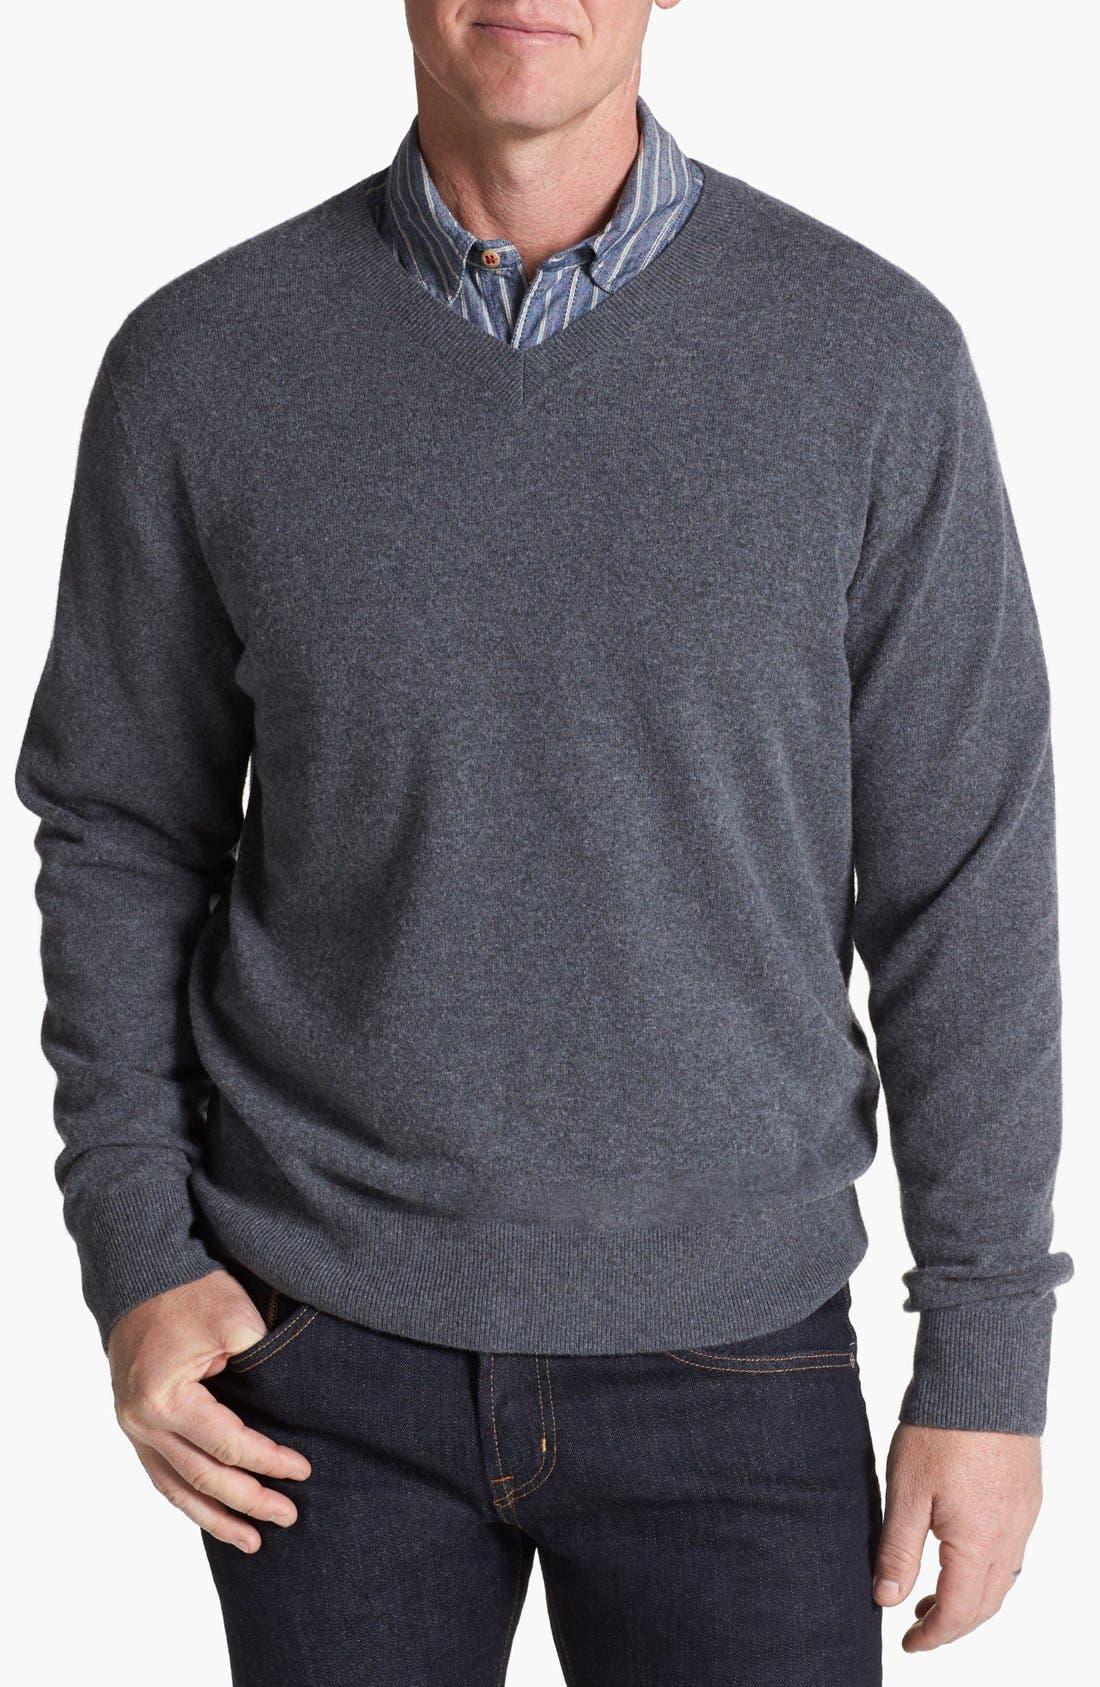 Main Image - Cutter & Buck 'Lake Union' V-Neck Sweater